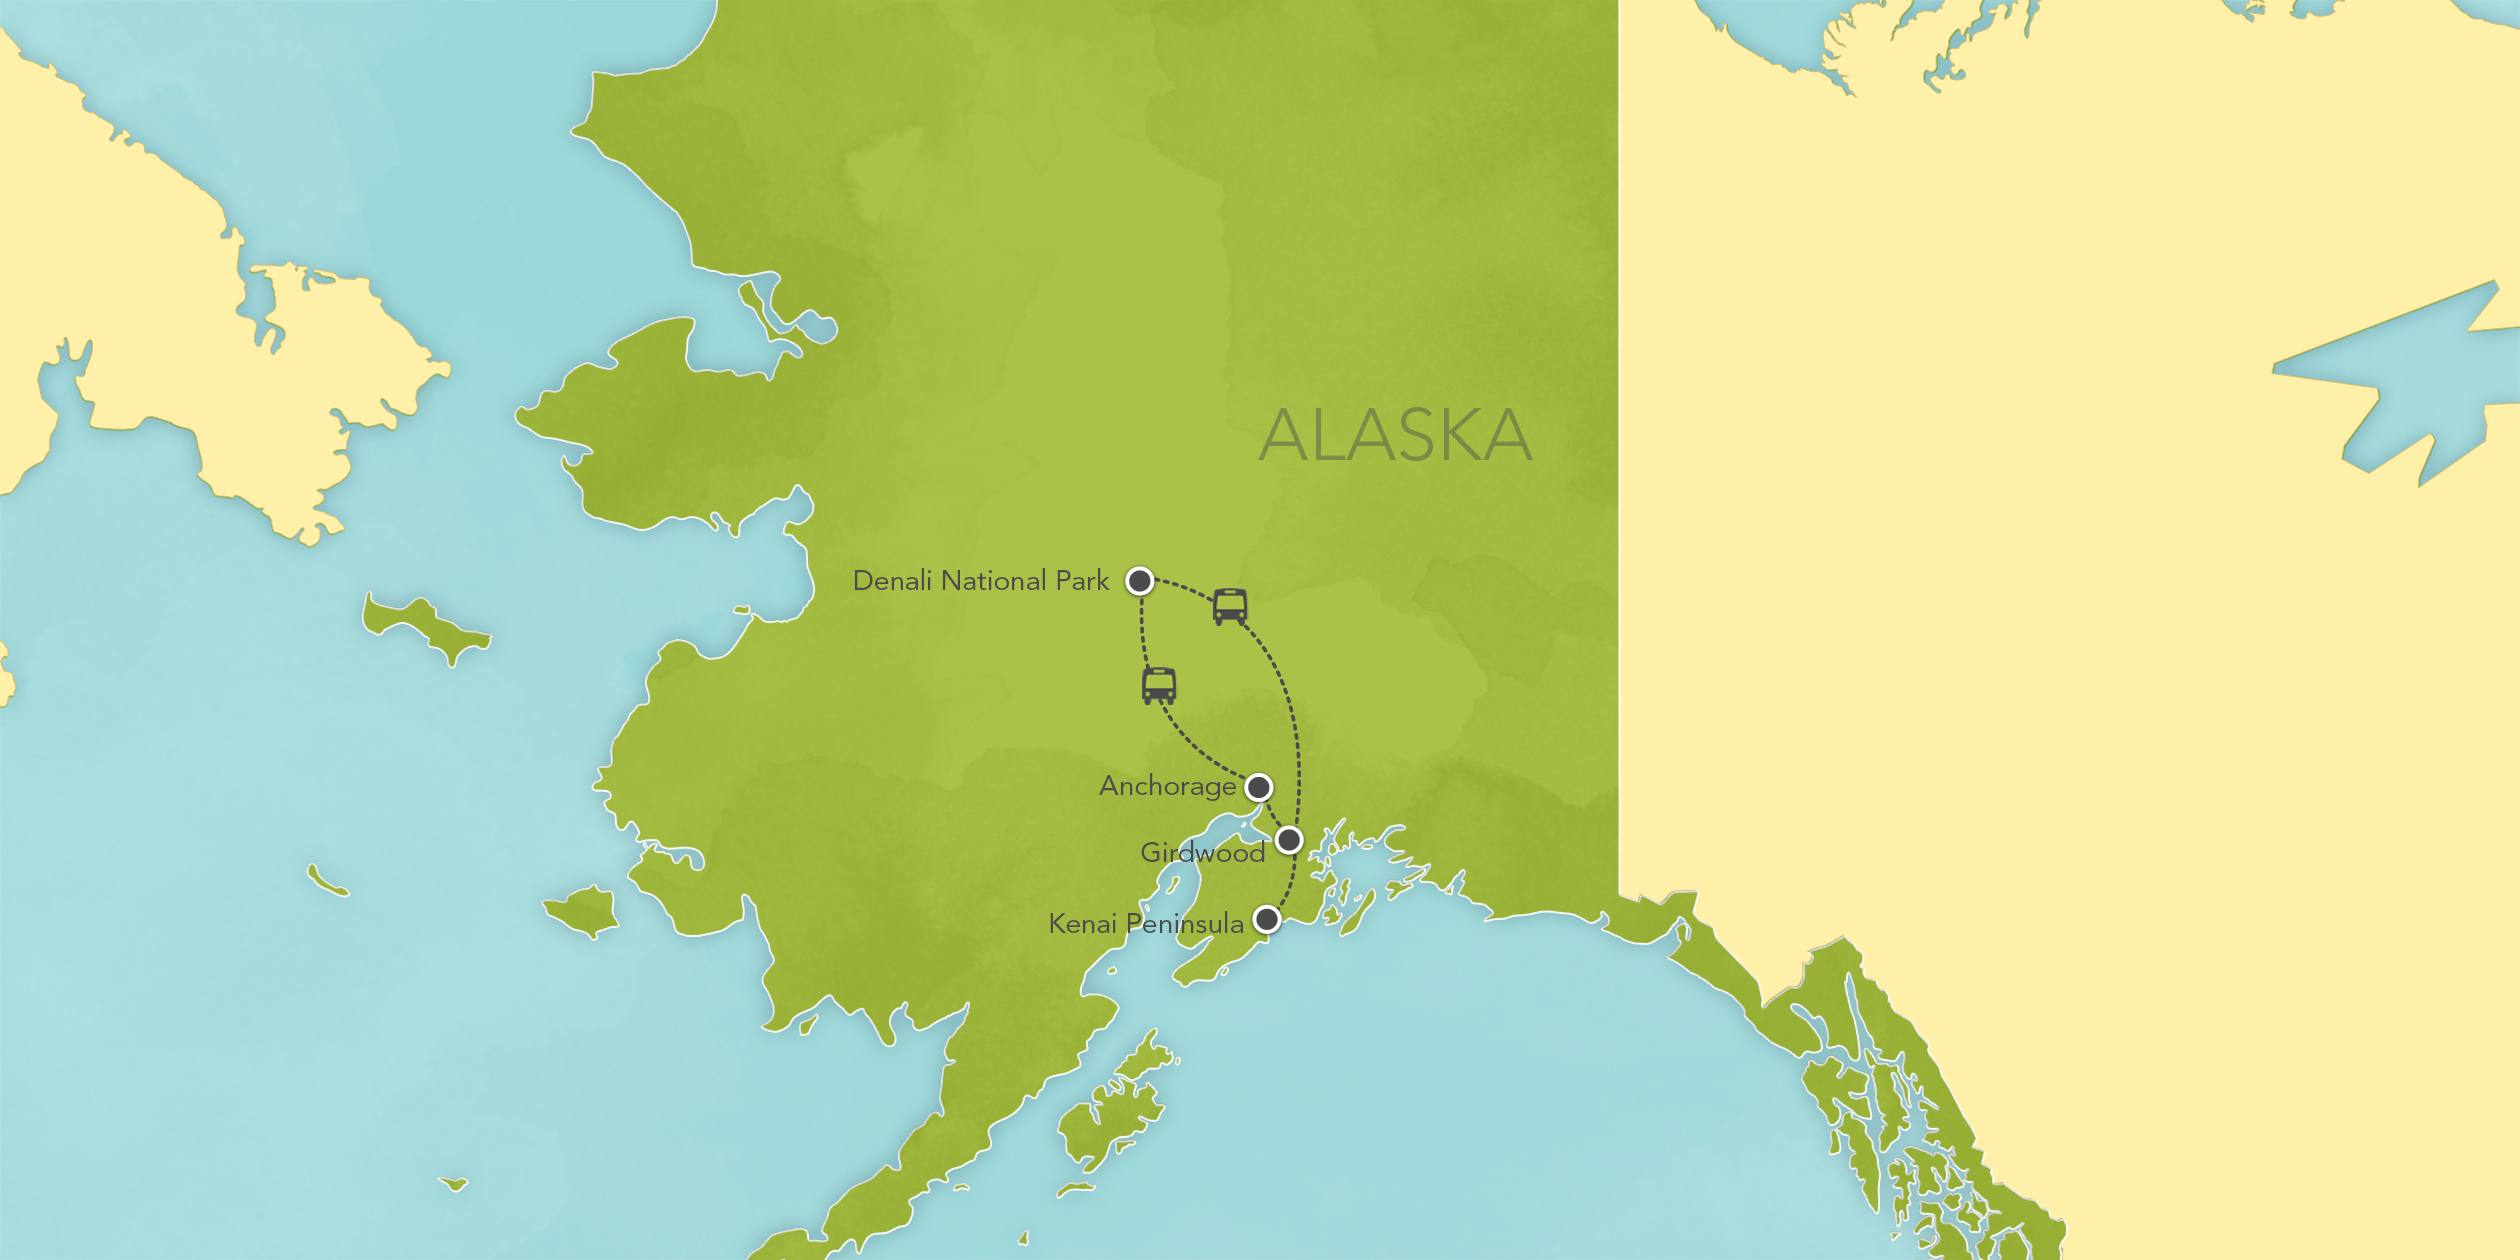 Itinerary map of Alaska: Denali National Park, Anchorage, Kenai Peninsula 2017>